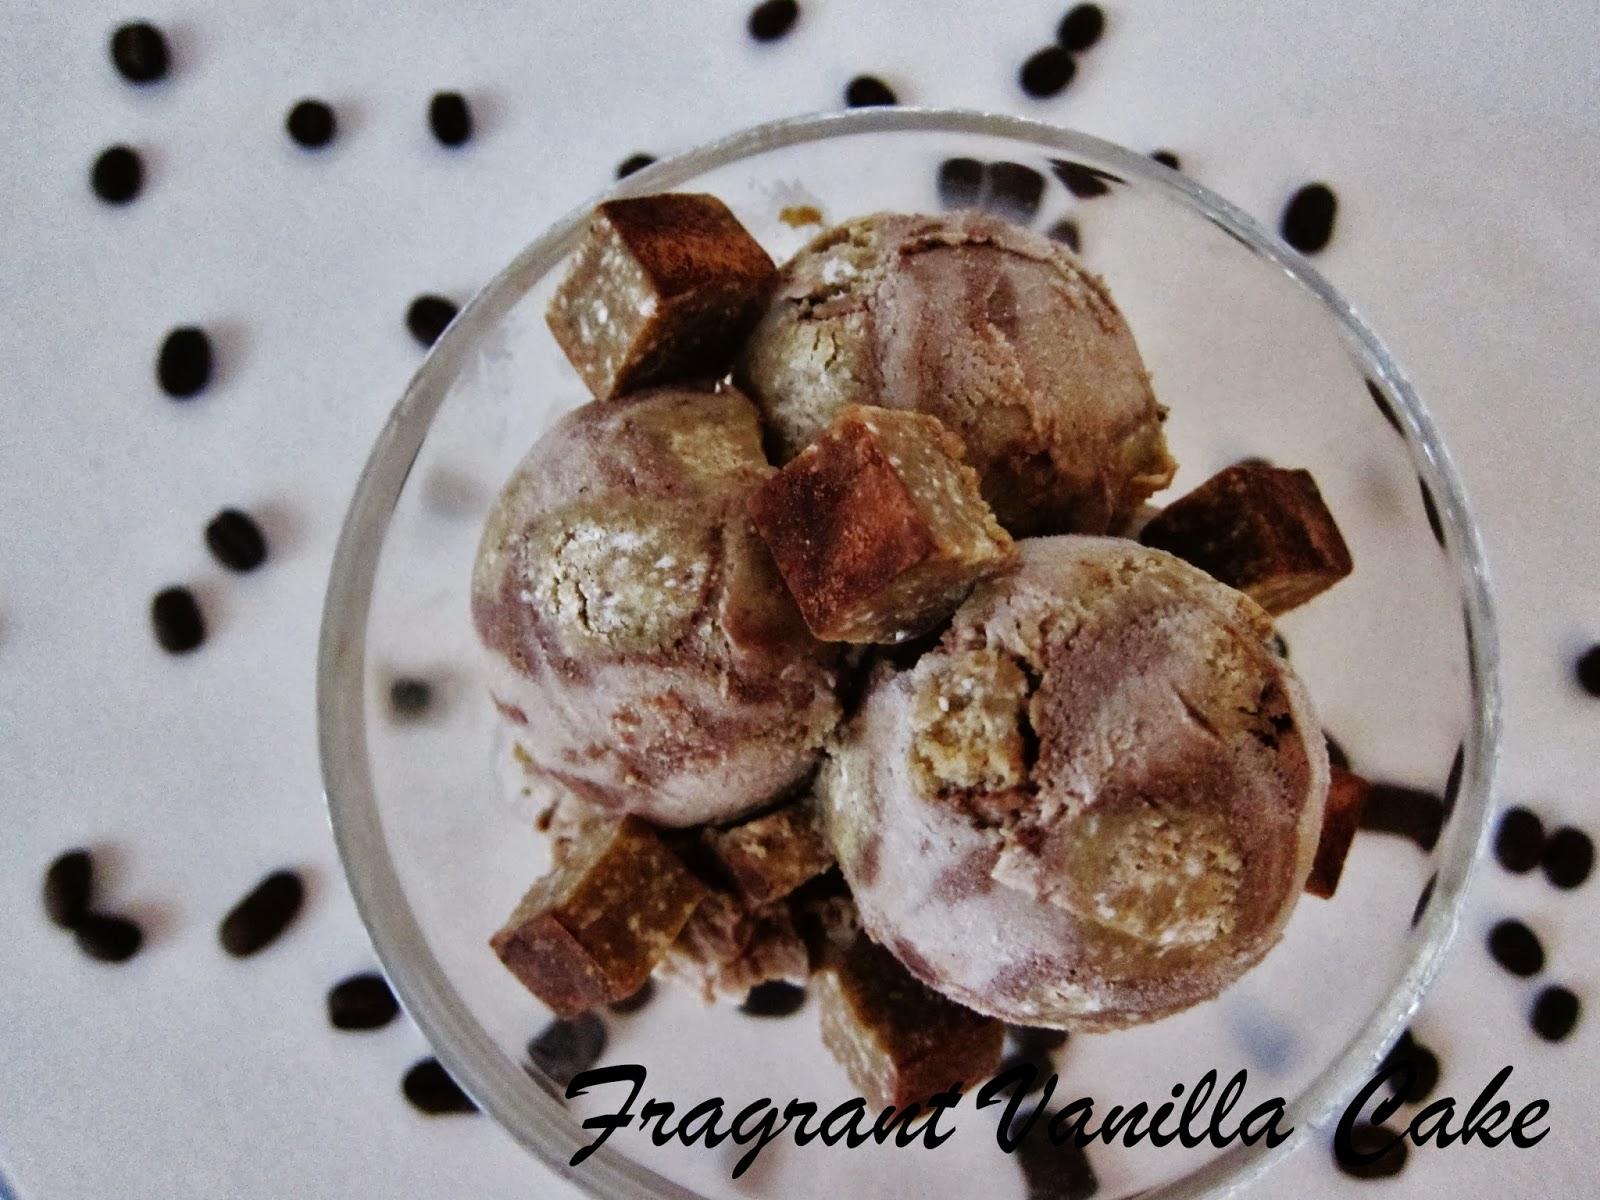 Raw Tiramisu Ice Cream